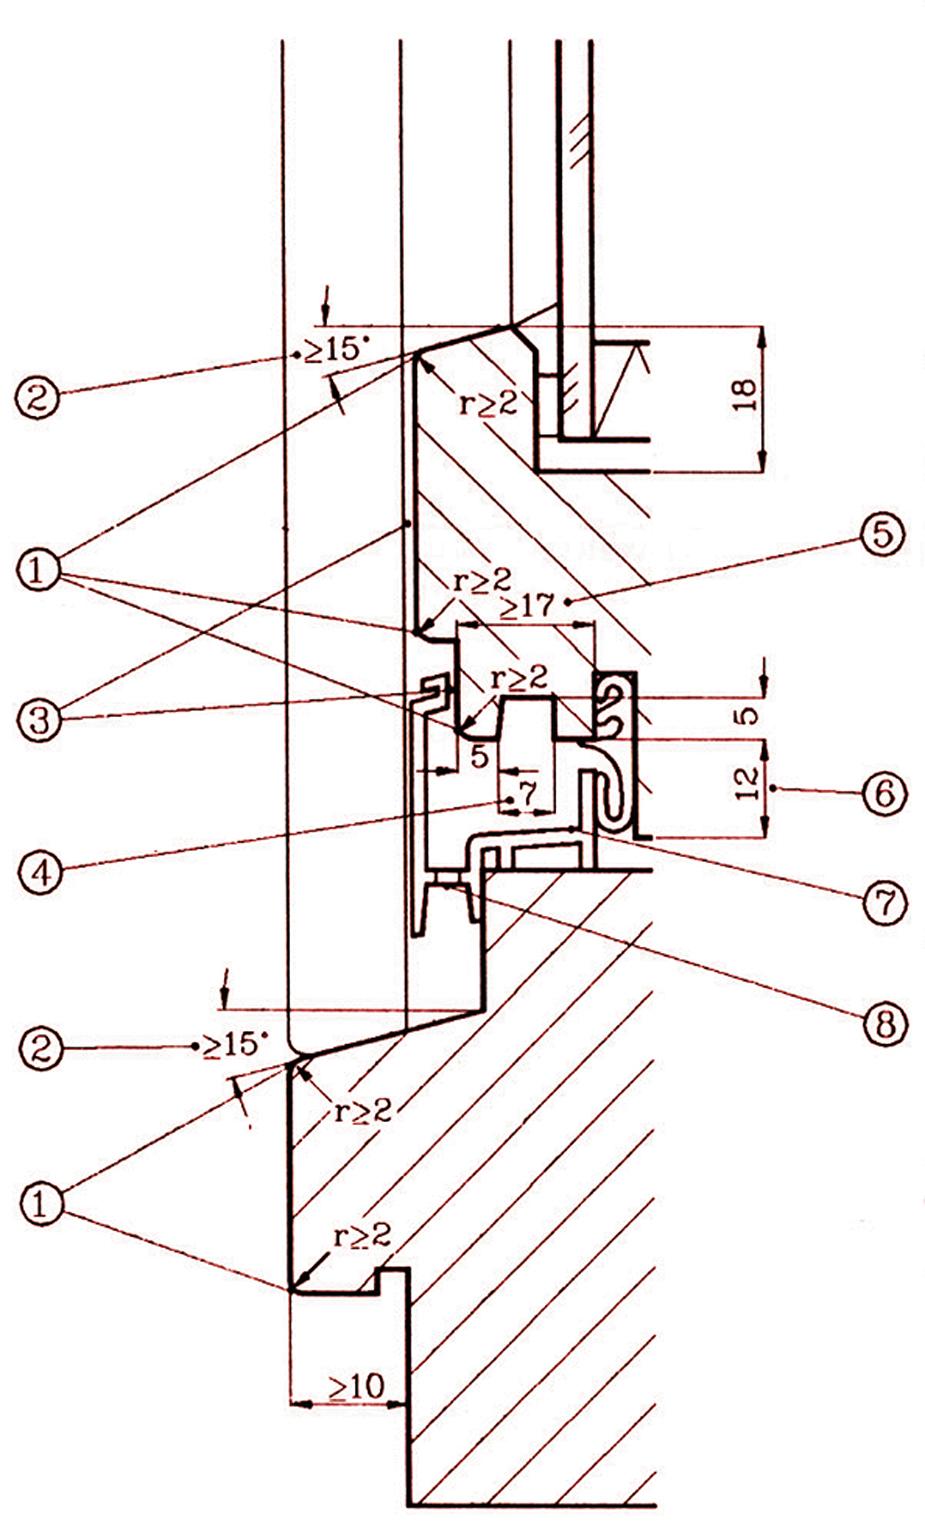 Рис. 3. Детализация конструкции окна с надежным отводом дождевой воды